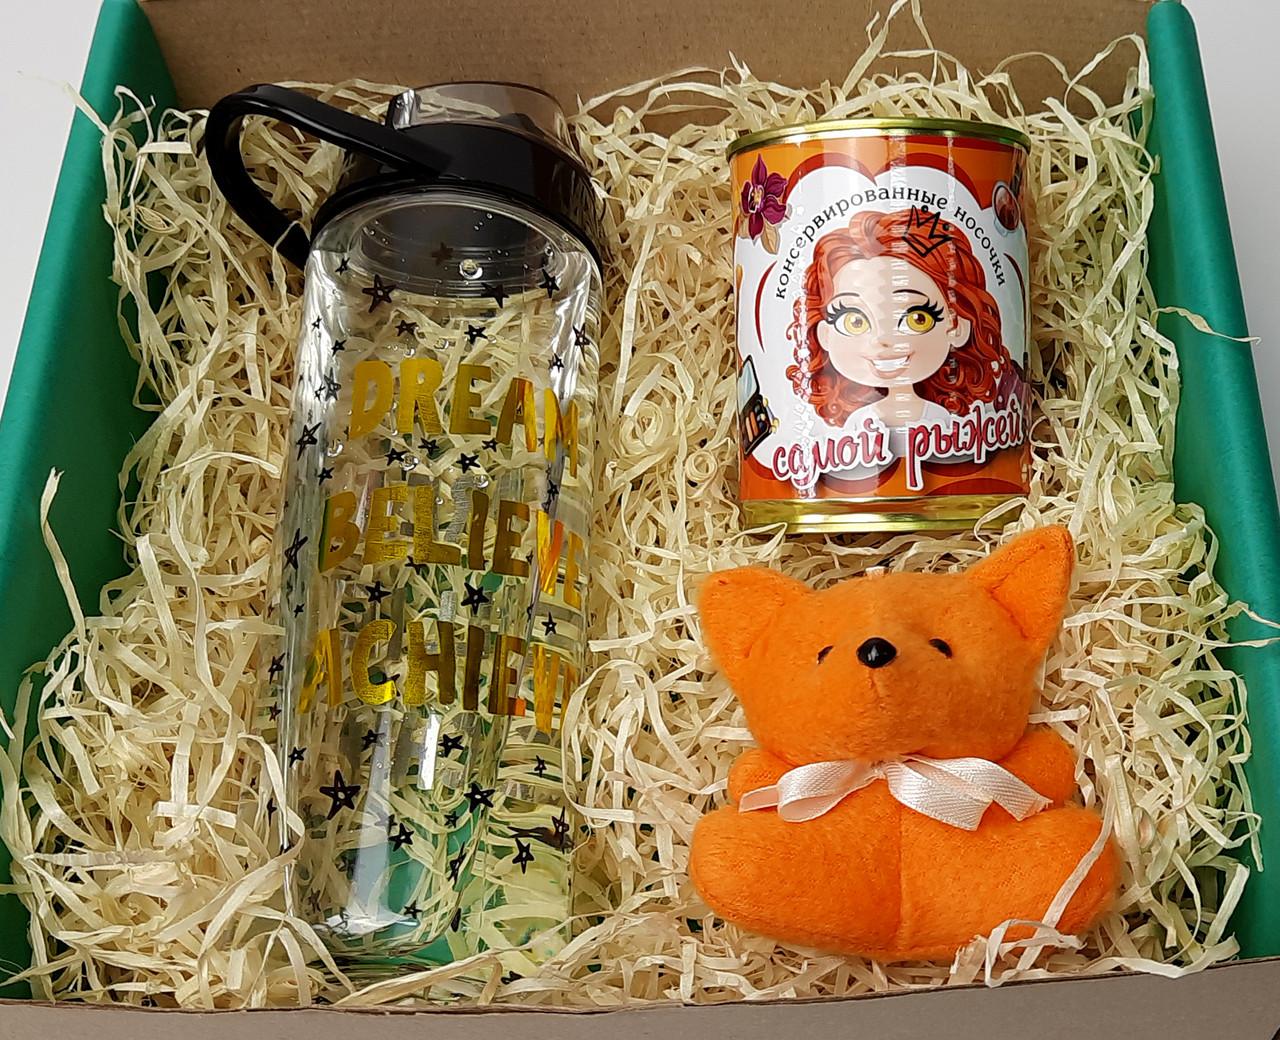 Подарочный набор для самой рыжей: бутылка для воды, консервированные носочки и игрушка-талисман